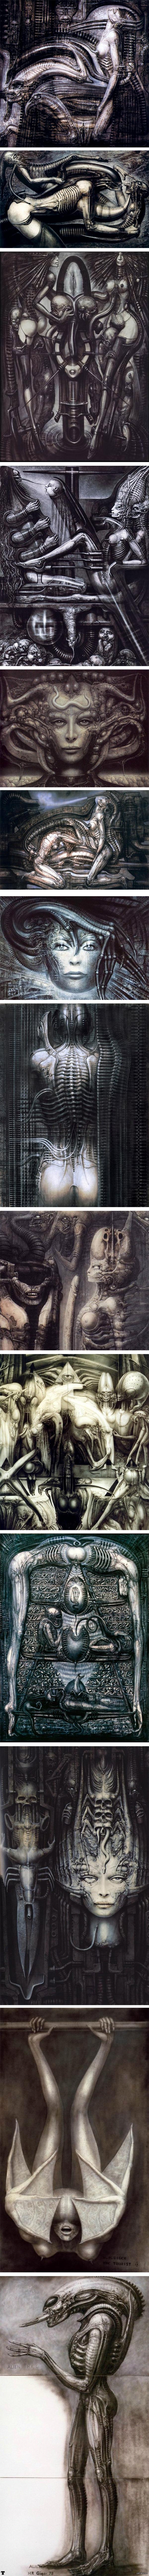 Длиннопост посвящён памяти Ганса Рудольфа Гигера, умершего 12 мая 2014 года, и подарившего киномиру одно из самых ужасающих чудовищ   Гигер, Современное искусство, искусство, чужой, alien, длиннопост